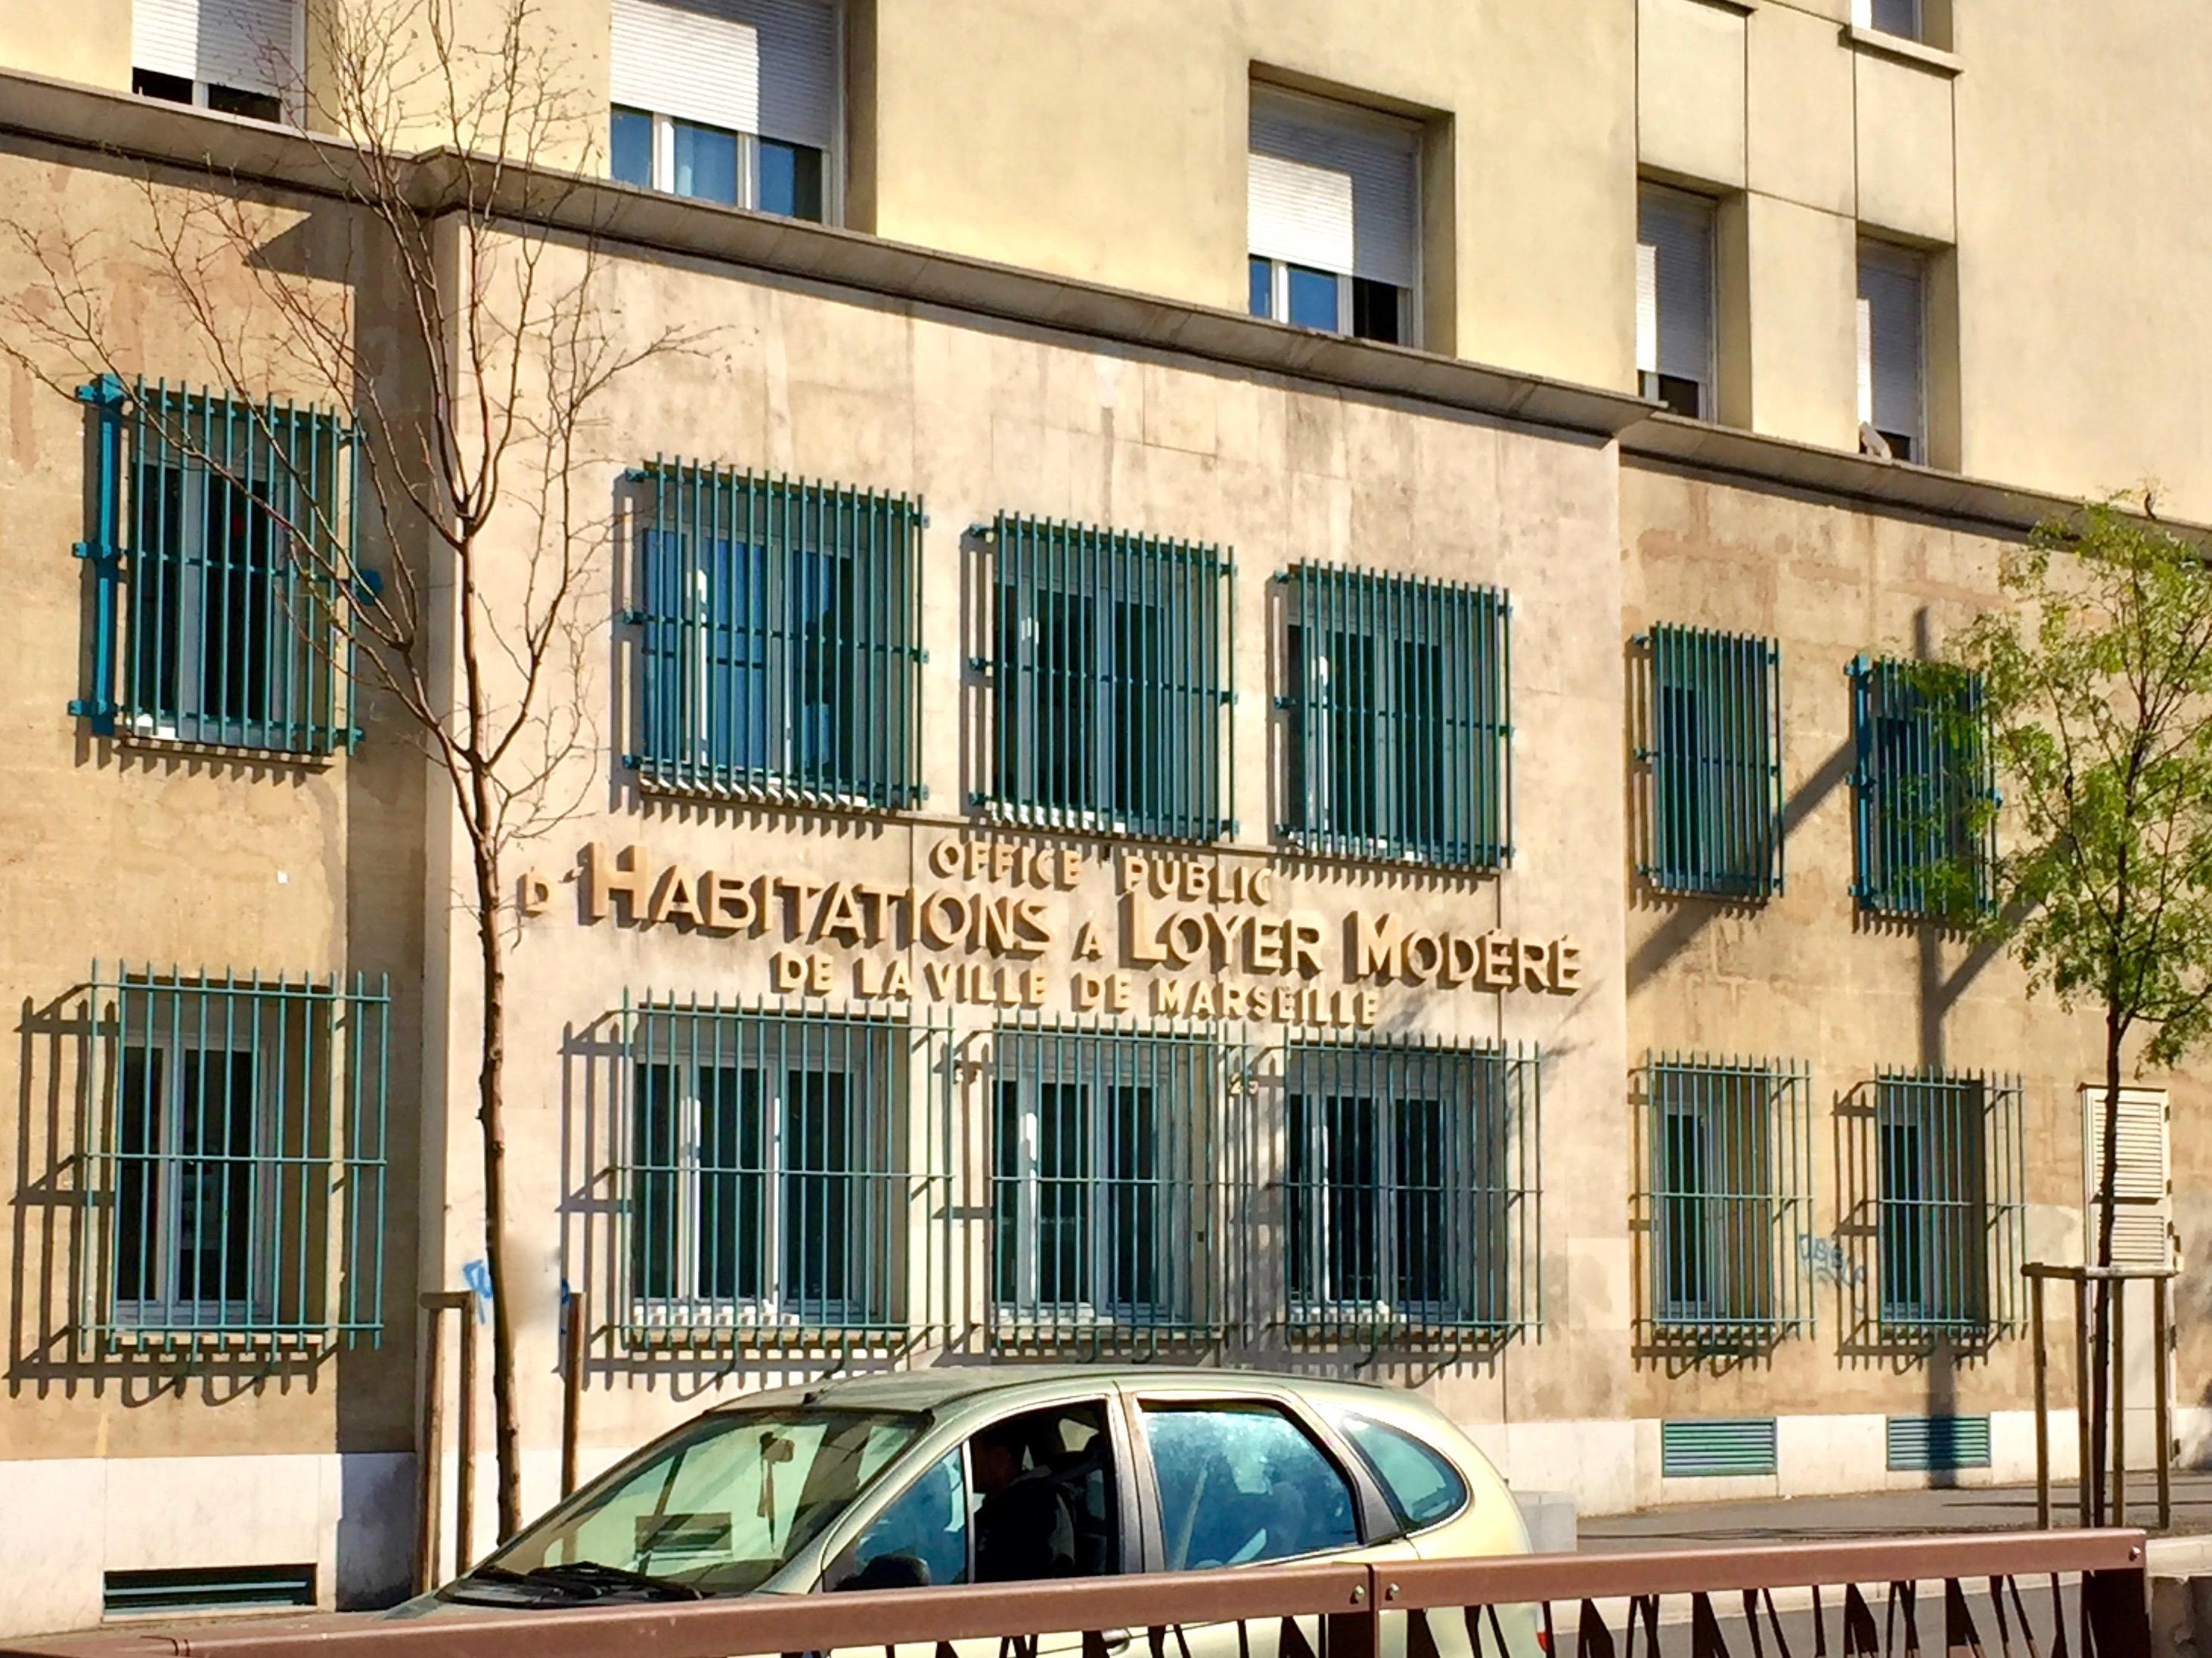 Les 2 offices publics de l'habitat d'Aix et Marseille vont se rapprocher dans une SAC © JP